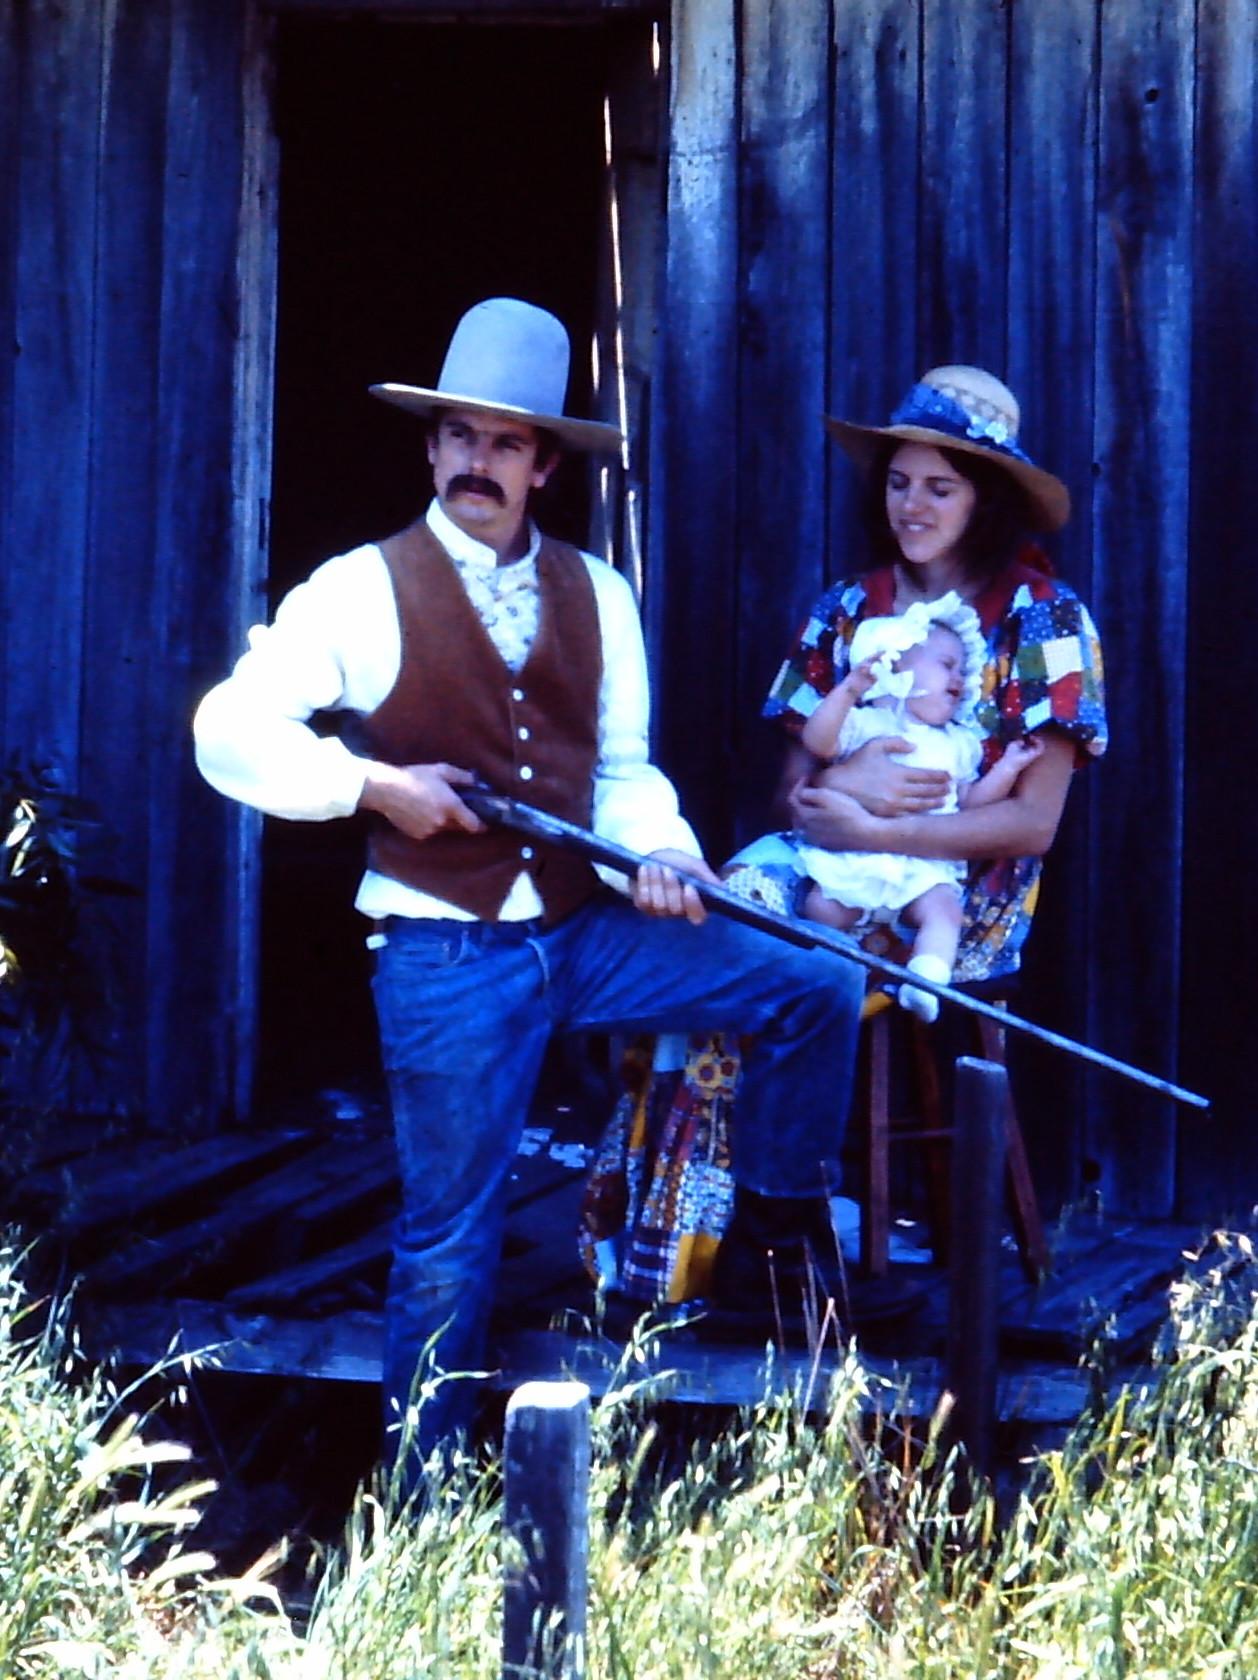 My hero - 1976